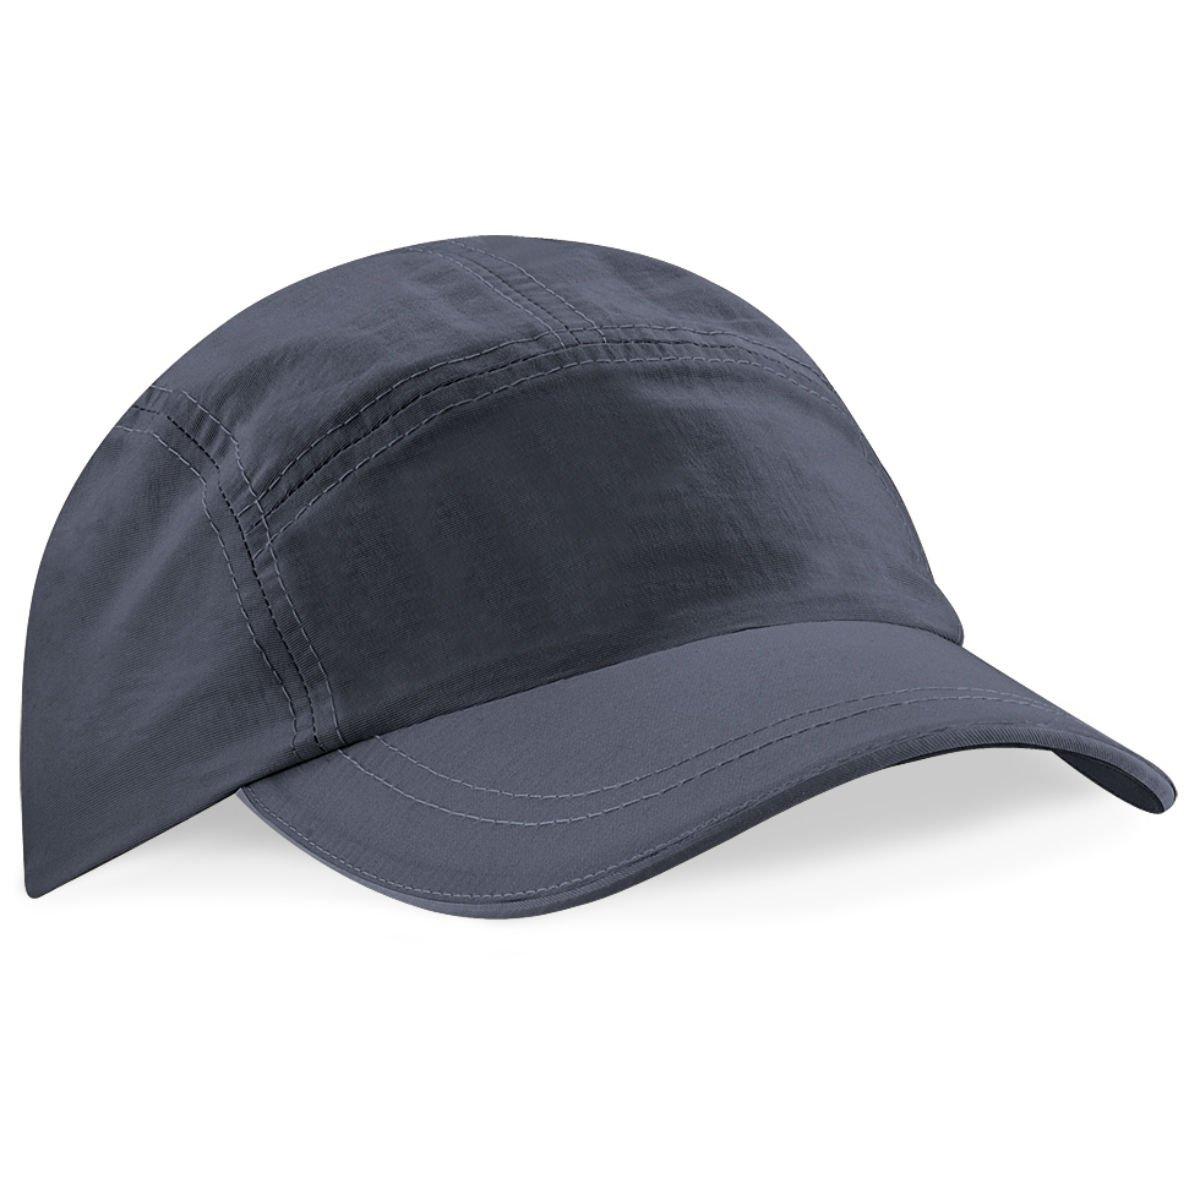 BEECHFIELD WATERPROOF 'PERFORMANCE' BASEBALL CAP HAT VISOR - 3 COLOURS Beechfield Headwear